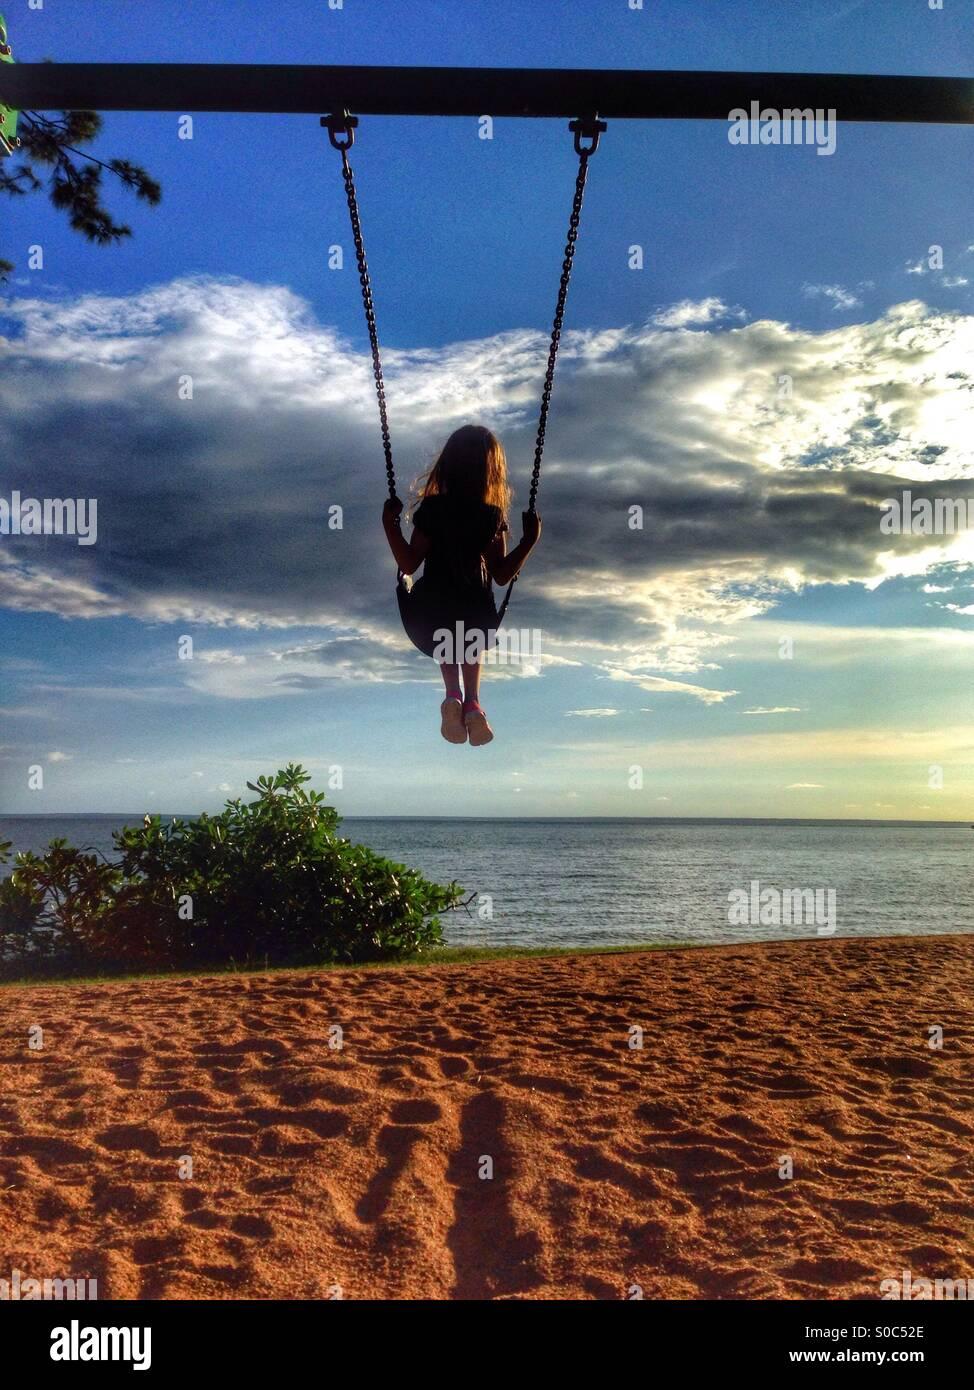 Giovane ragazza su altalena in spiaggia. Immagini Stock